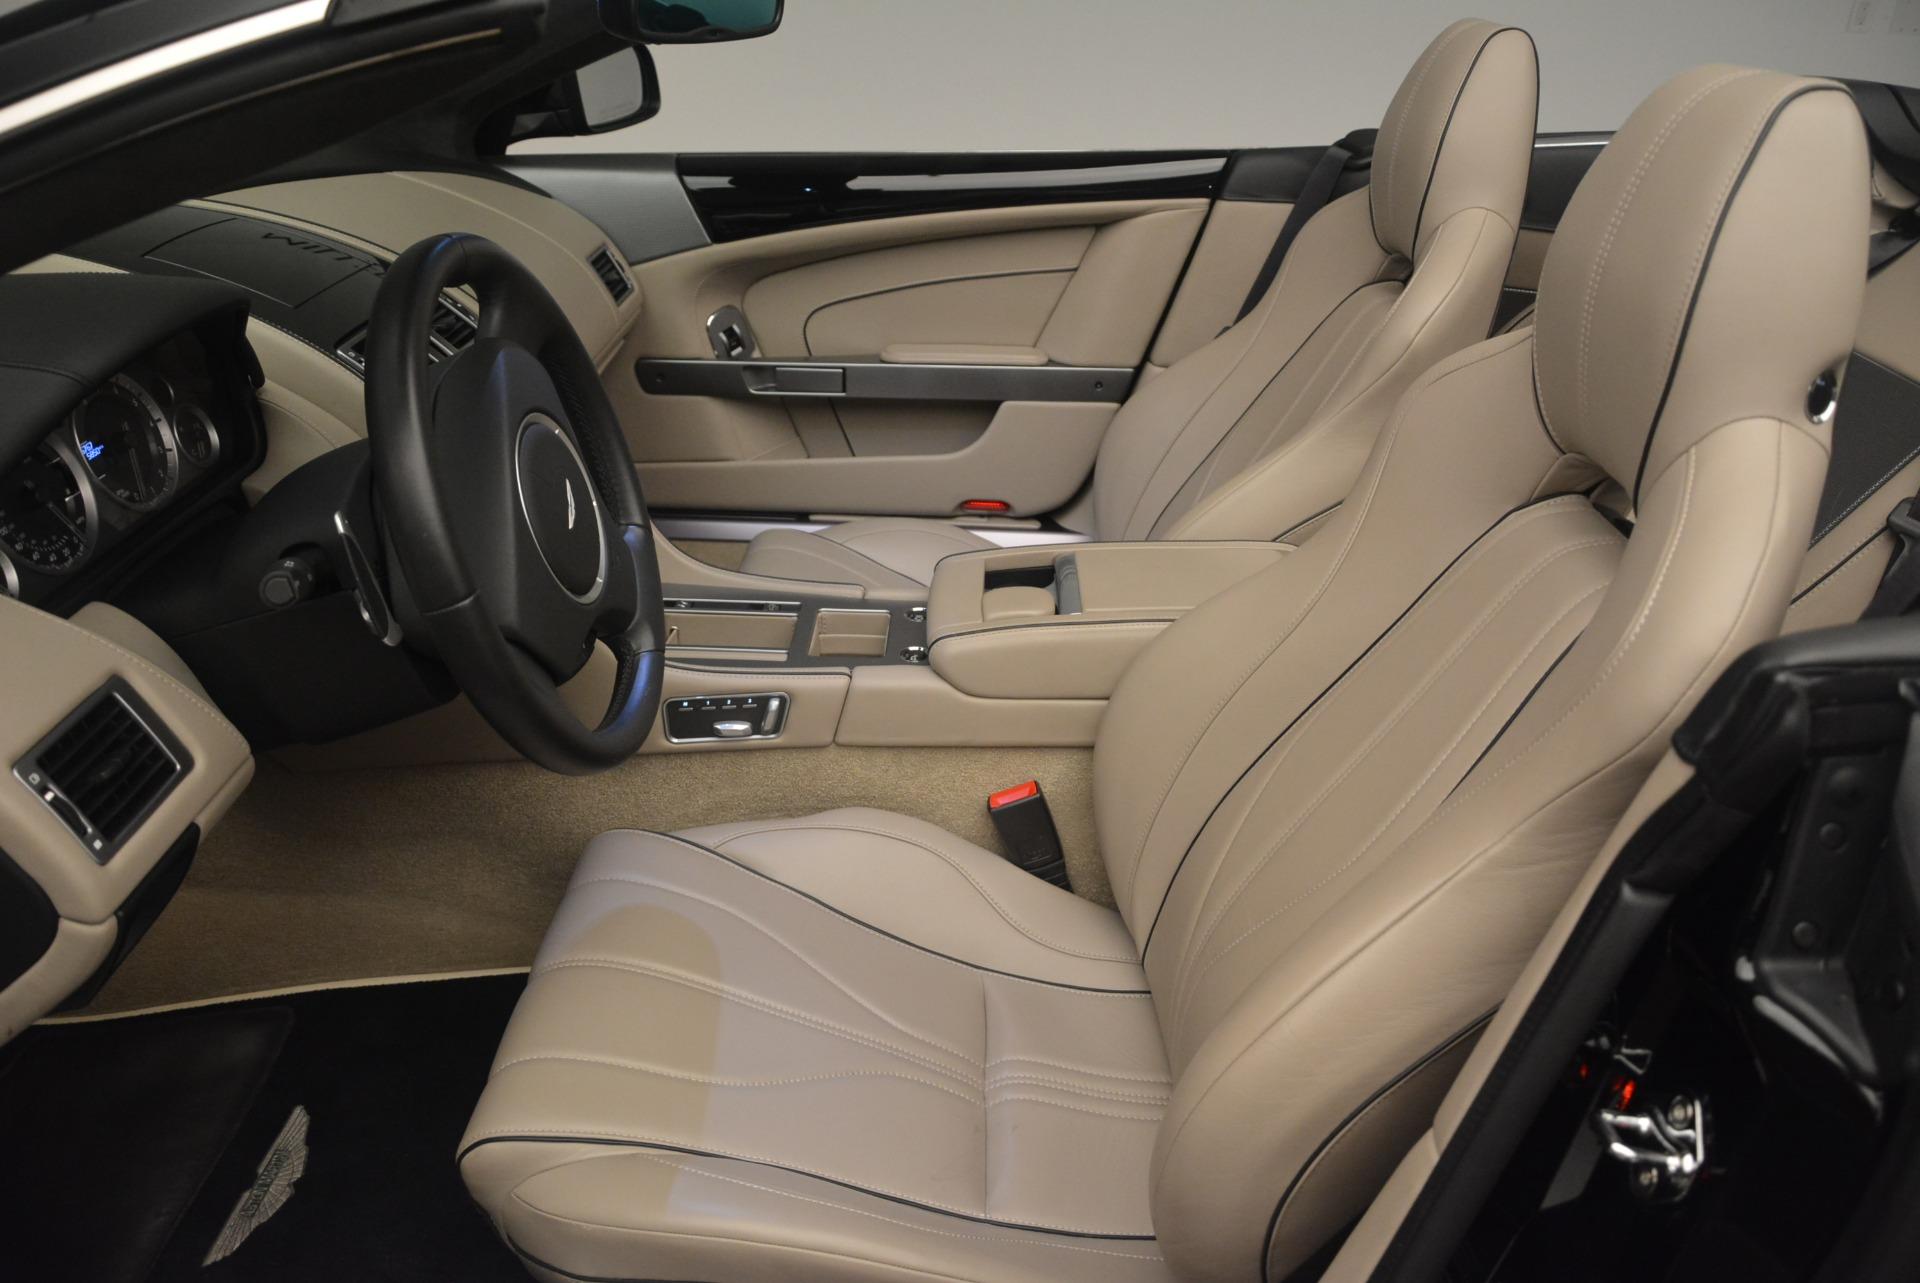 Used 2015 Aston Martin DB9 Volante For Sale In Greenwich, CT. Alfa Romeo of Greenwich, 7389 2318_p19